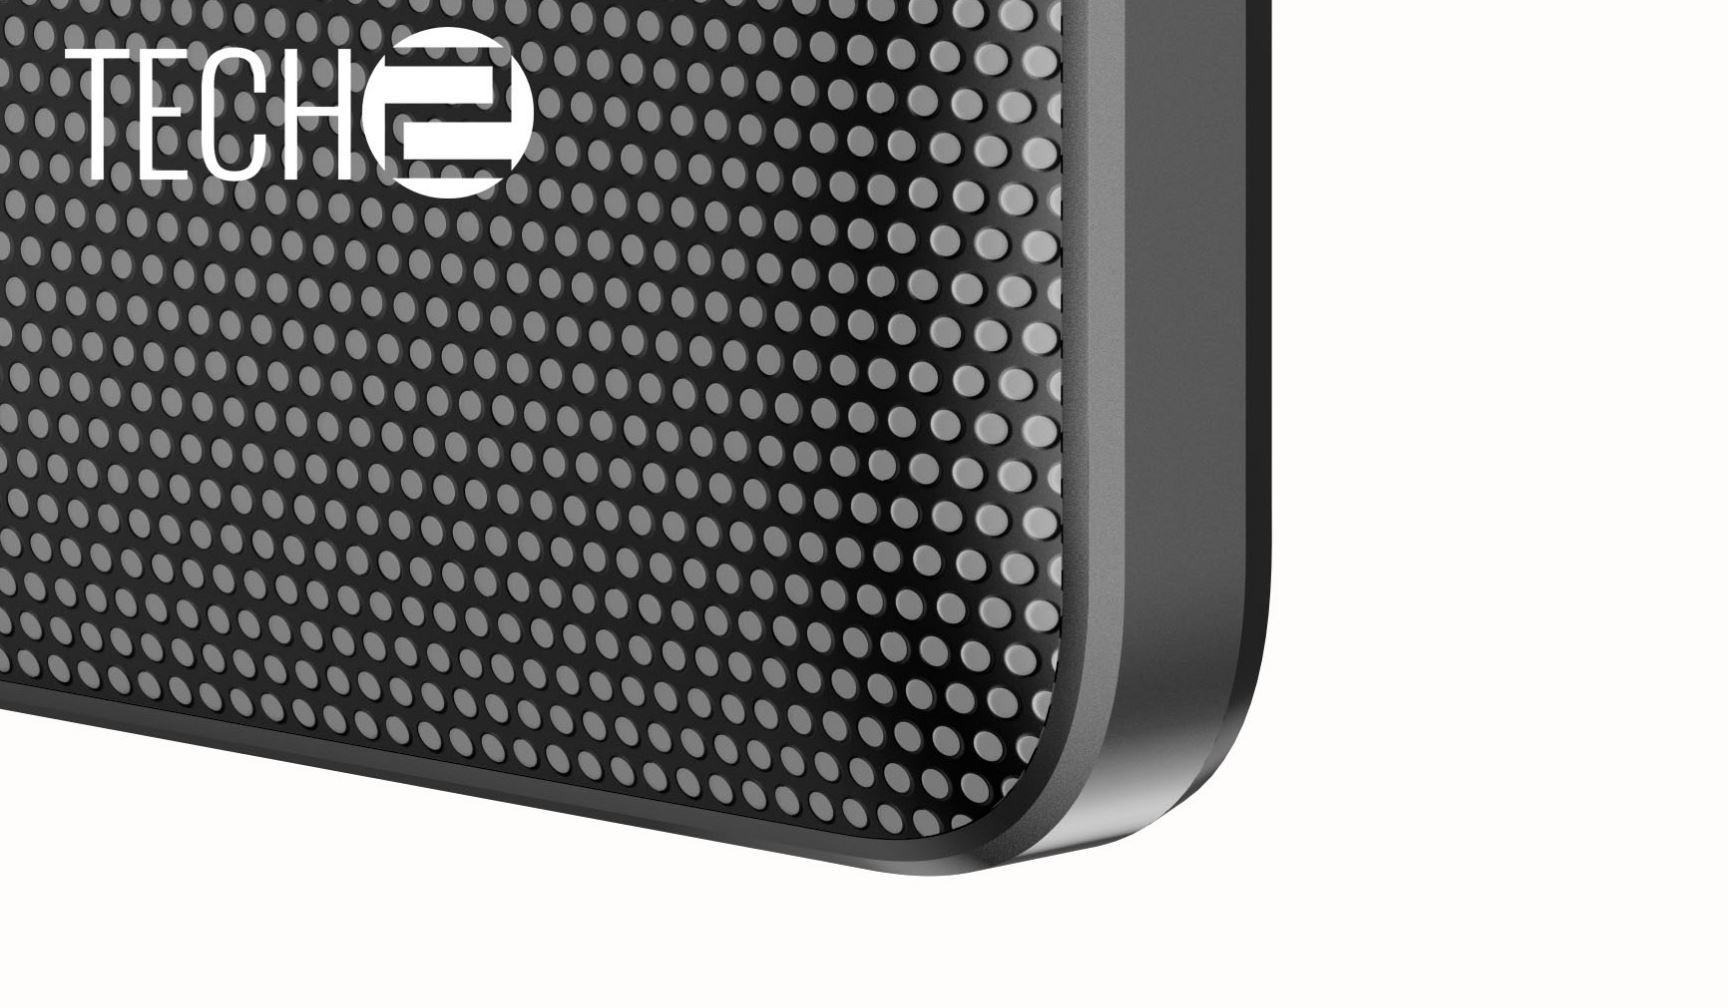 شایعه: آلکاتل ۵ گوشی هوشمند جدید در کنگره جهانی موبایل ۲۰۱۷ معرفی خواهد کرد